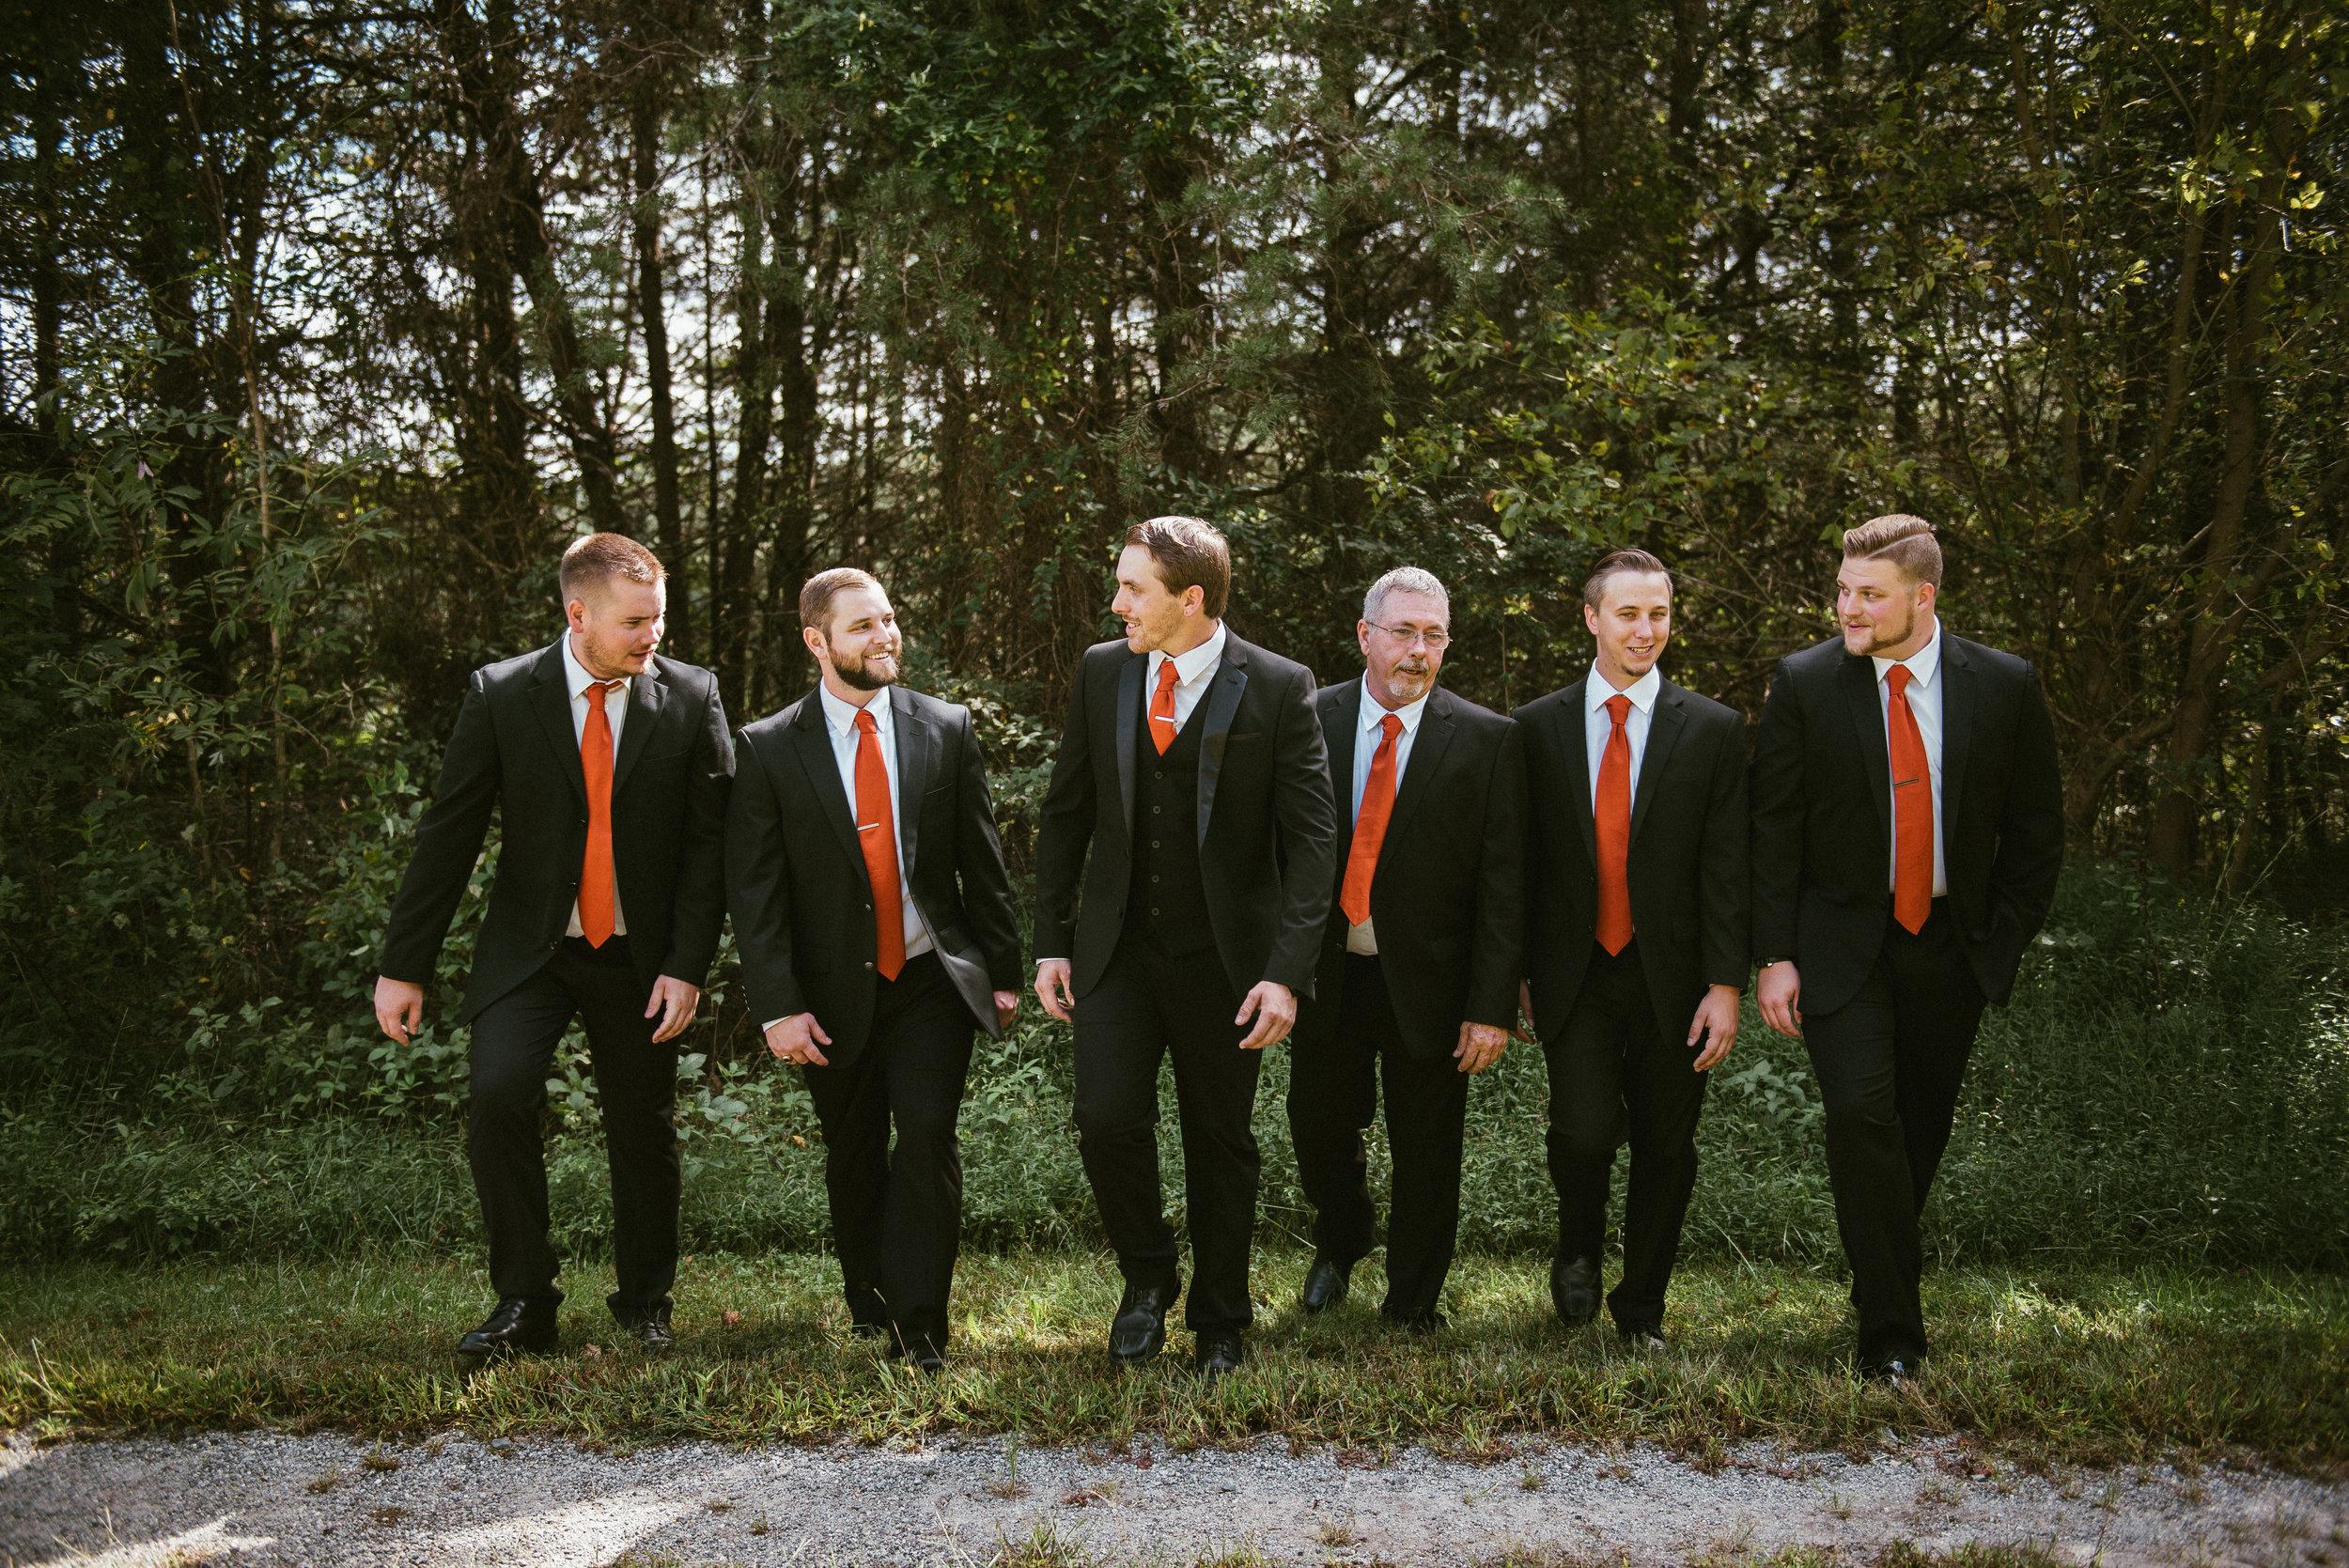 stokesdale wedding - the longhouse wedding - raleigh wedding photographer - stokesdale wedding photographer